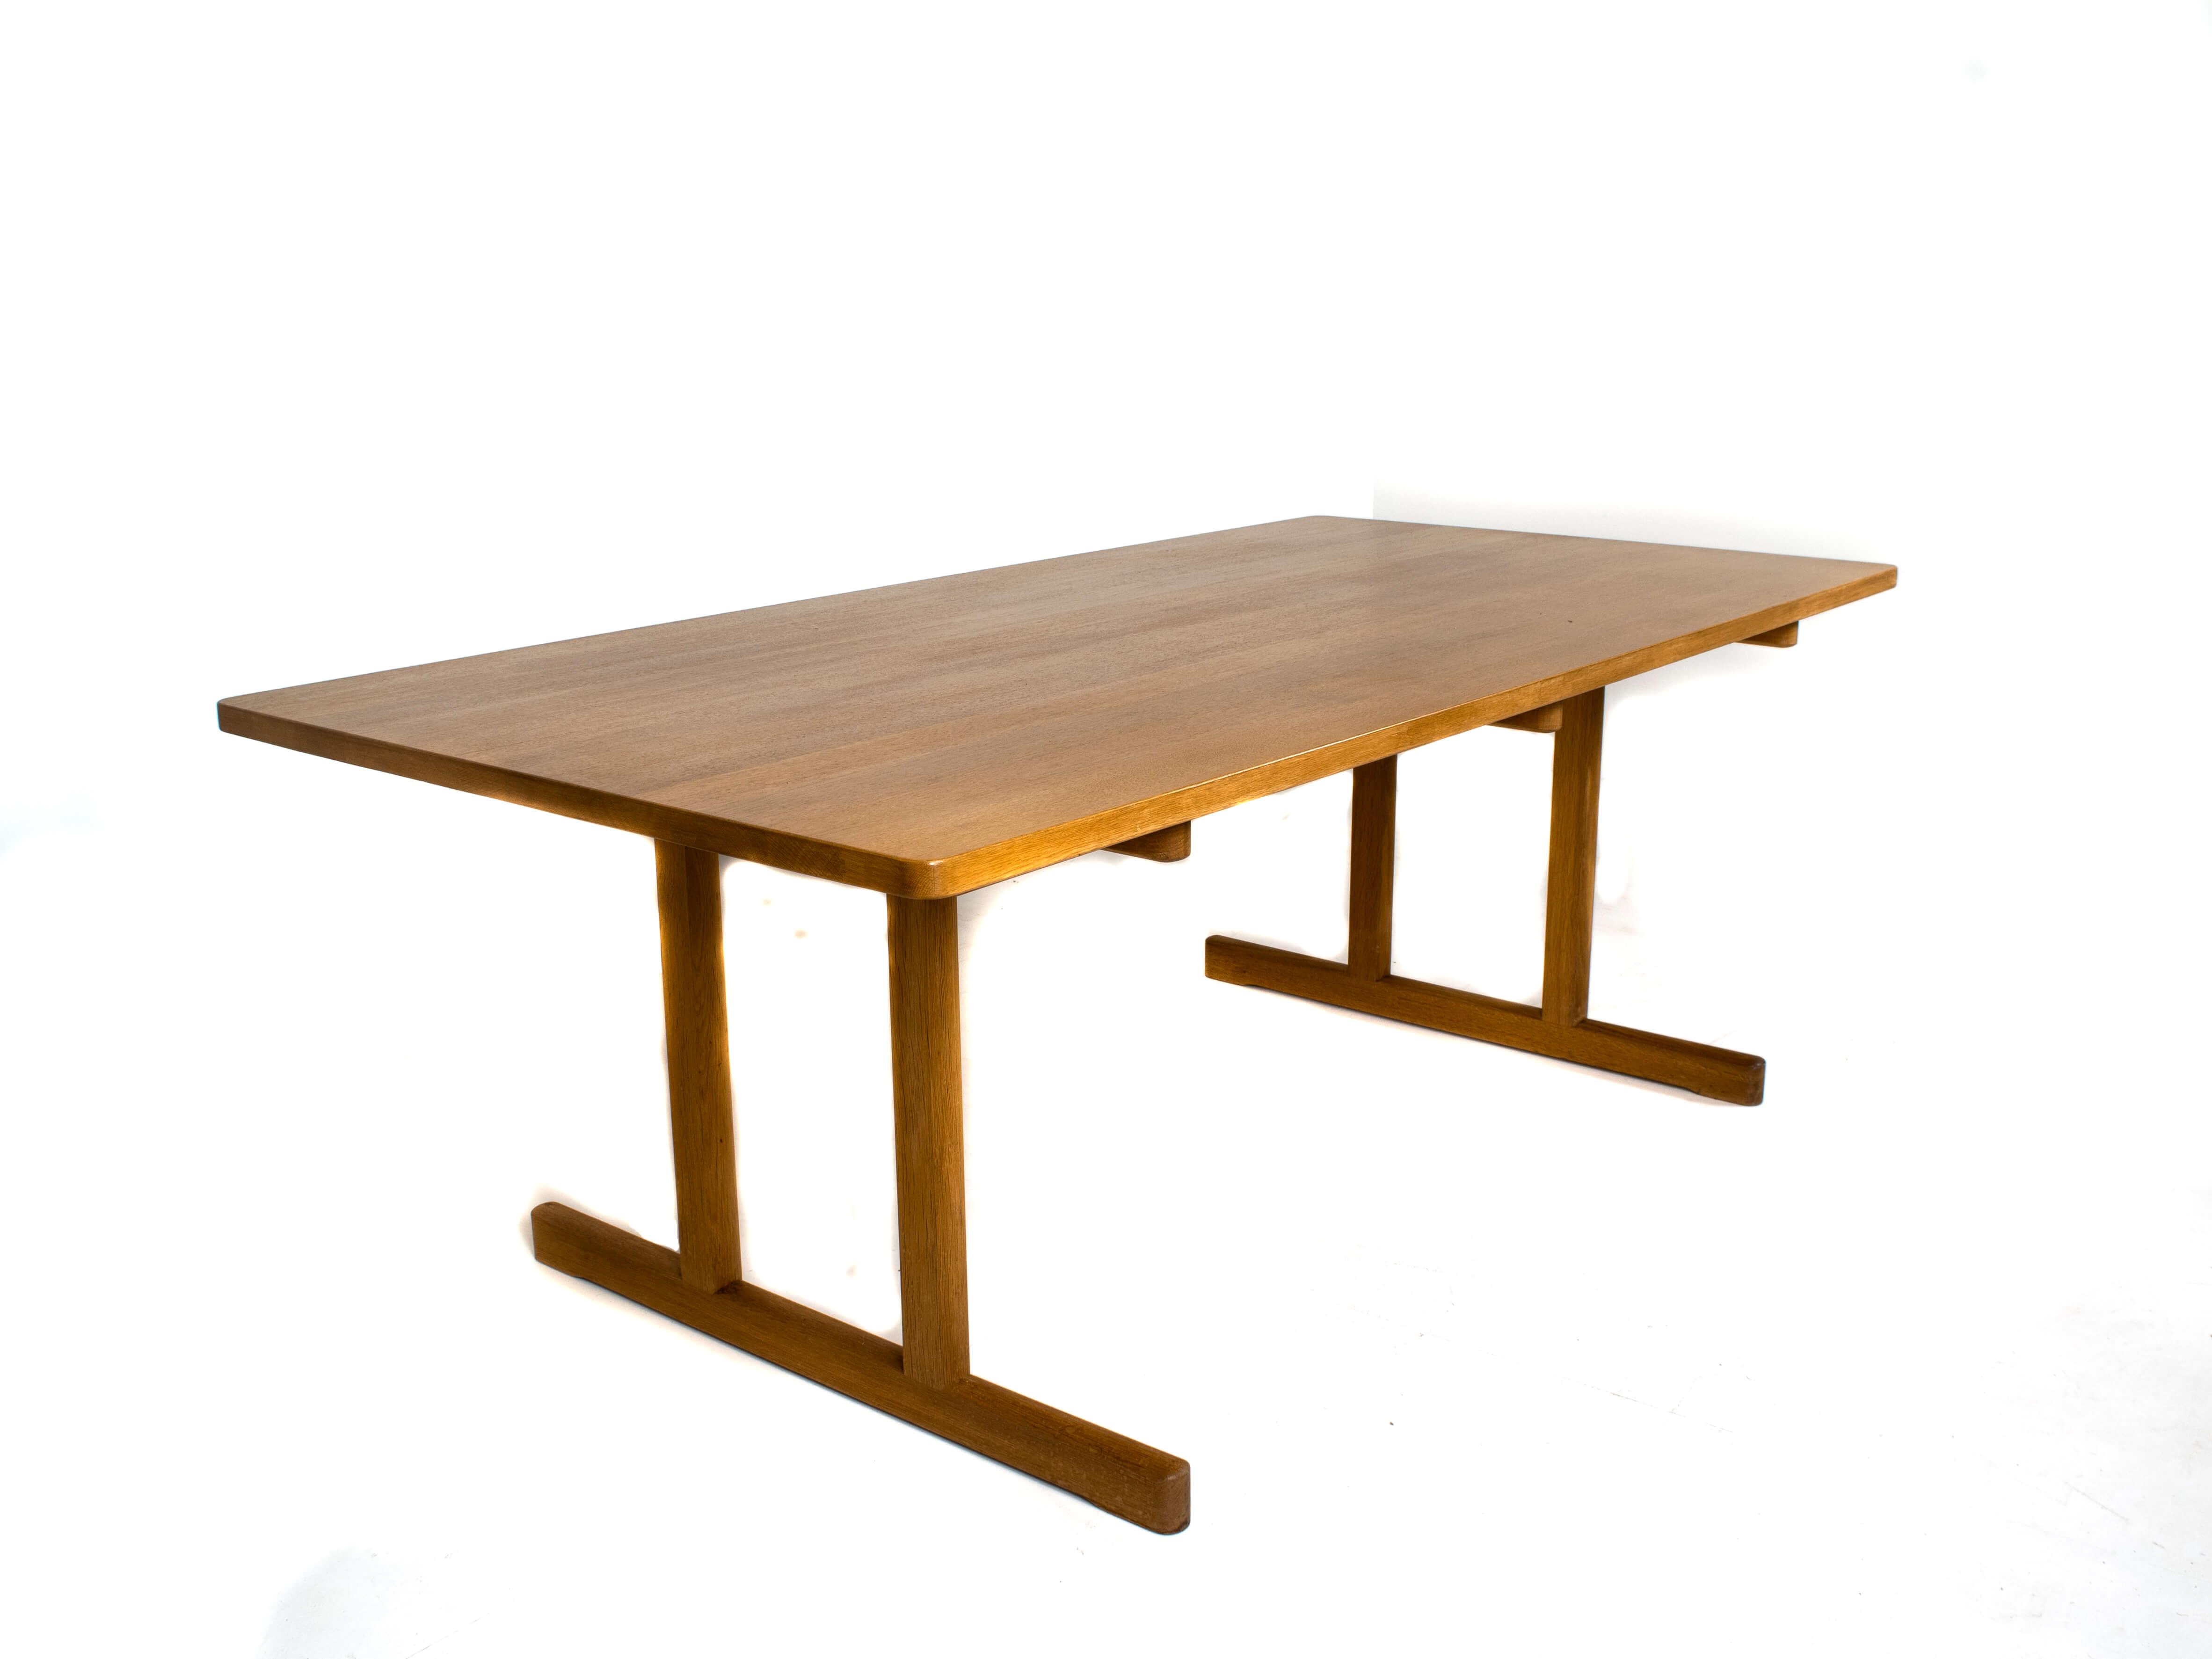 Side view Børge Mogensen Shaker Dining Table Model 6286 for Fredericia, Denmark 1960s